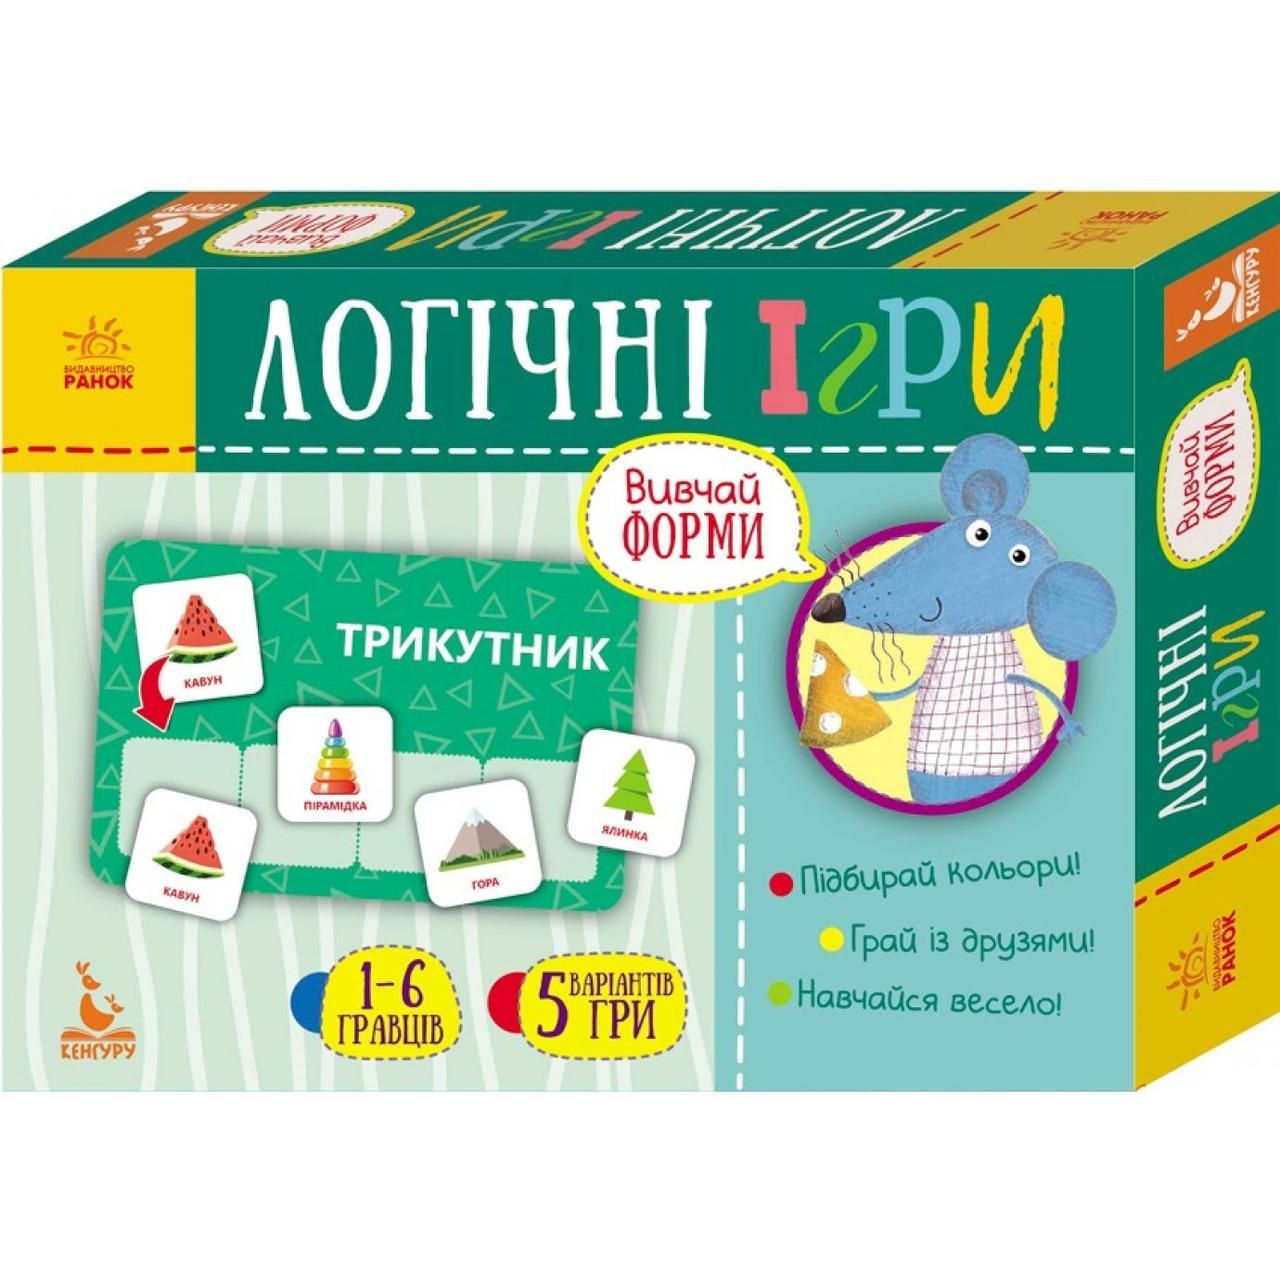 """Картки """"Кенгуру.Логічні ігри.Вивчай форми"""" 2+ 24шт (укр)/Ранок/(10)"""